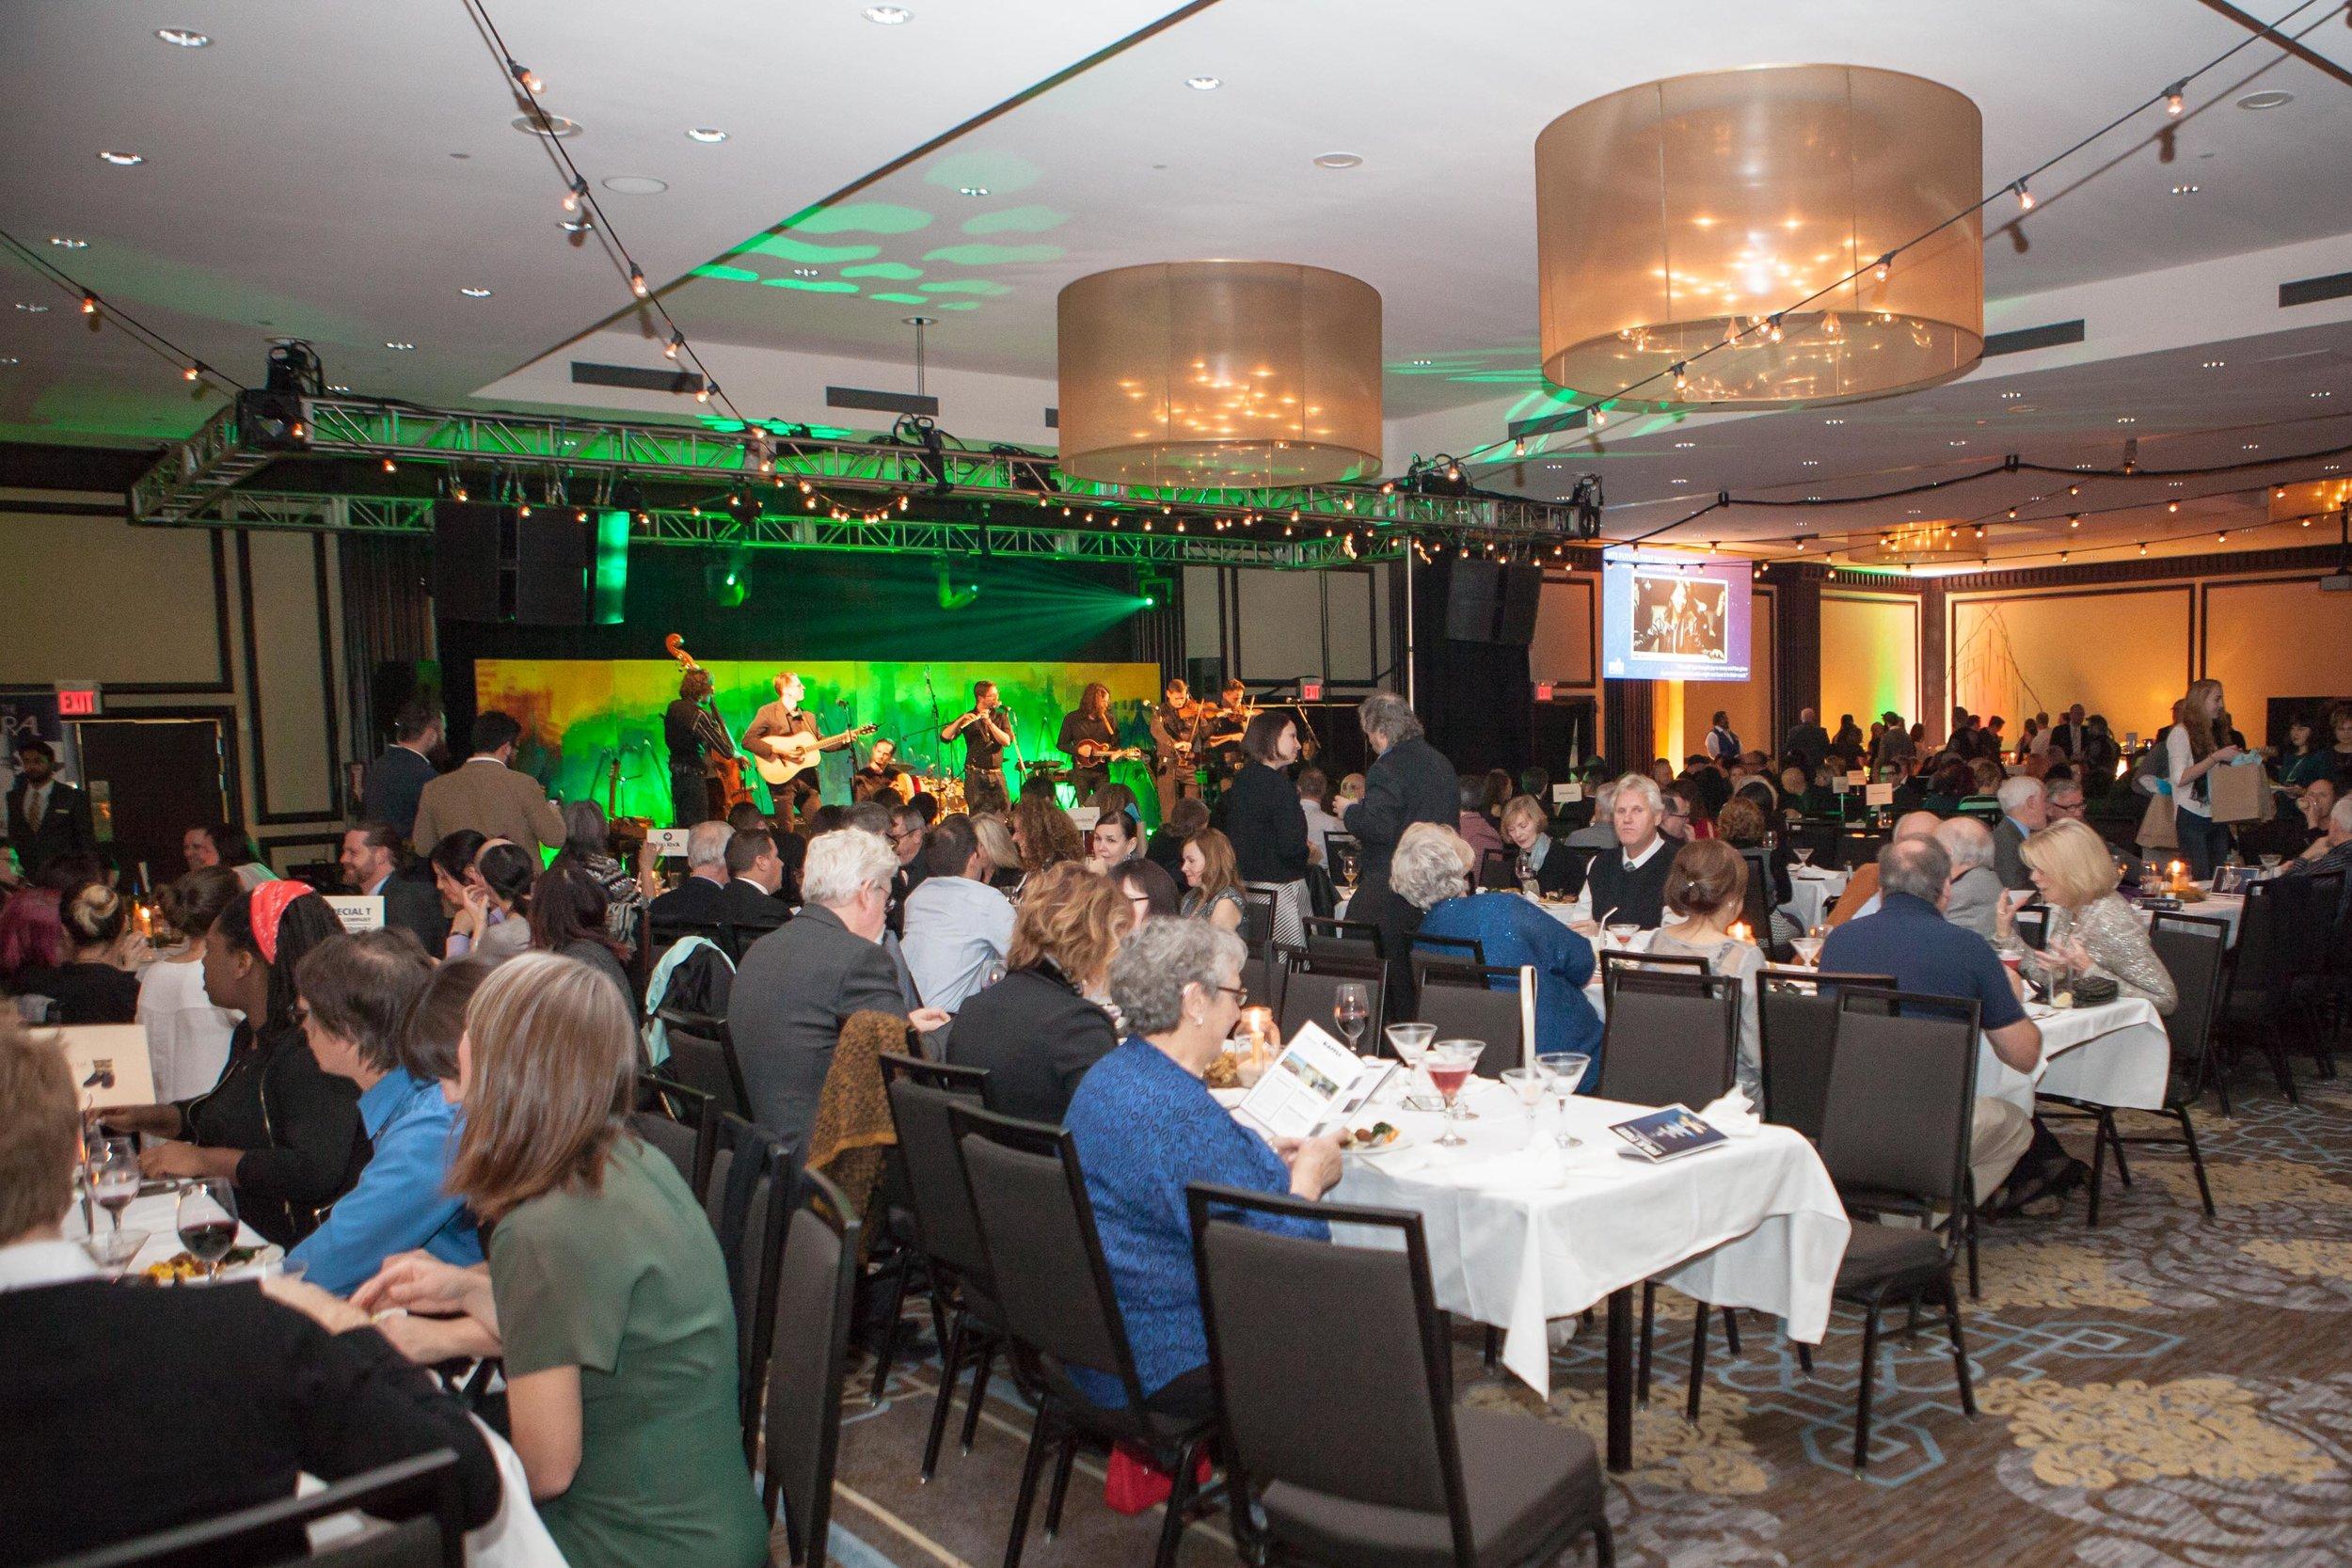 Winnipeg Folk Festival - Folk Fest In The City Fundraiser